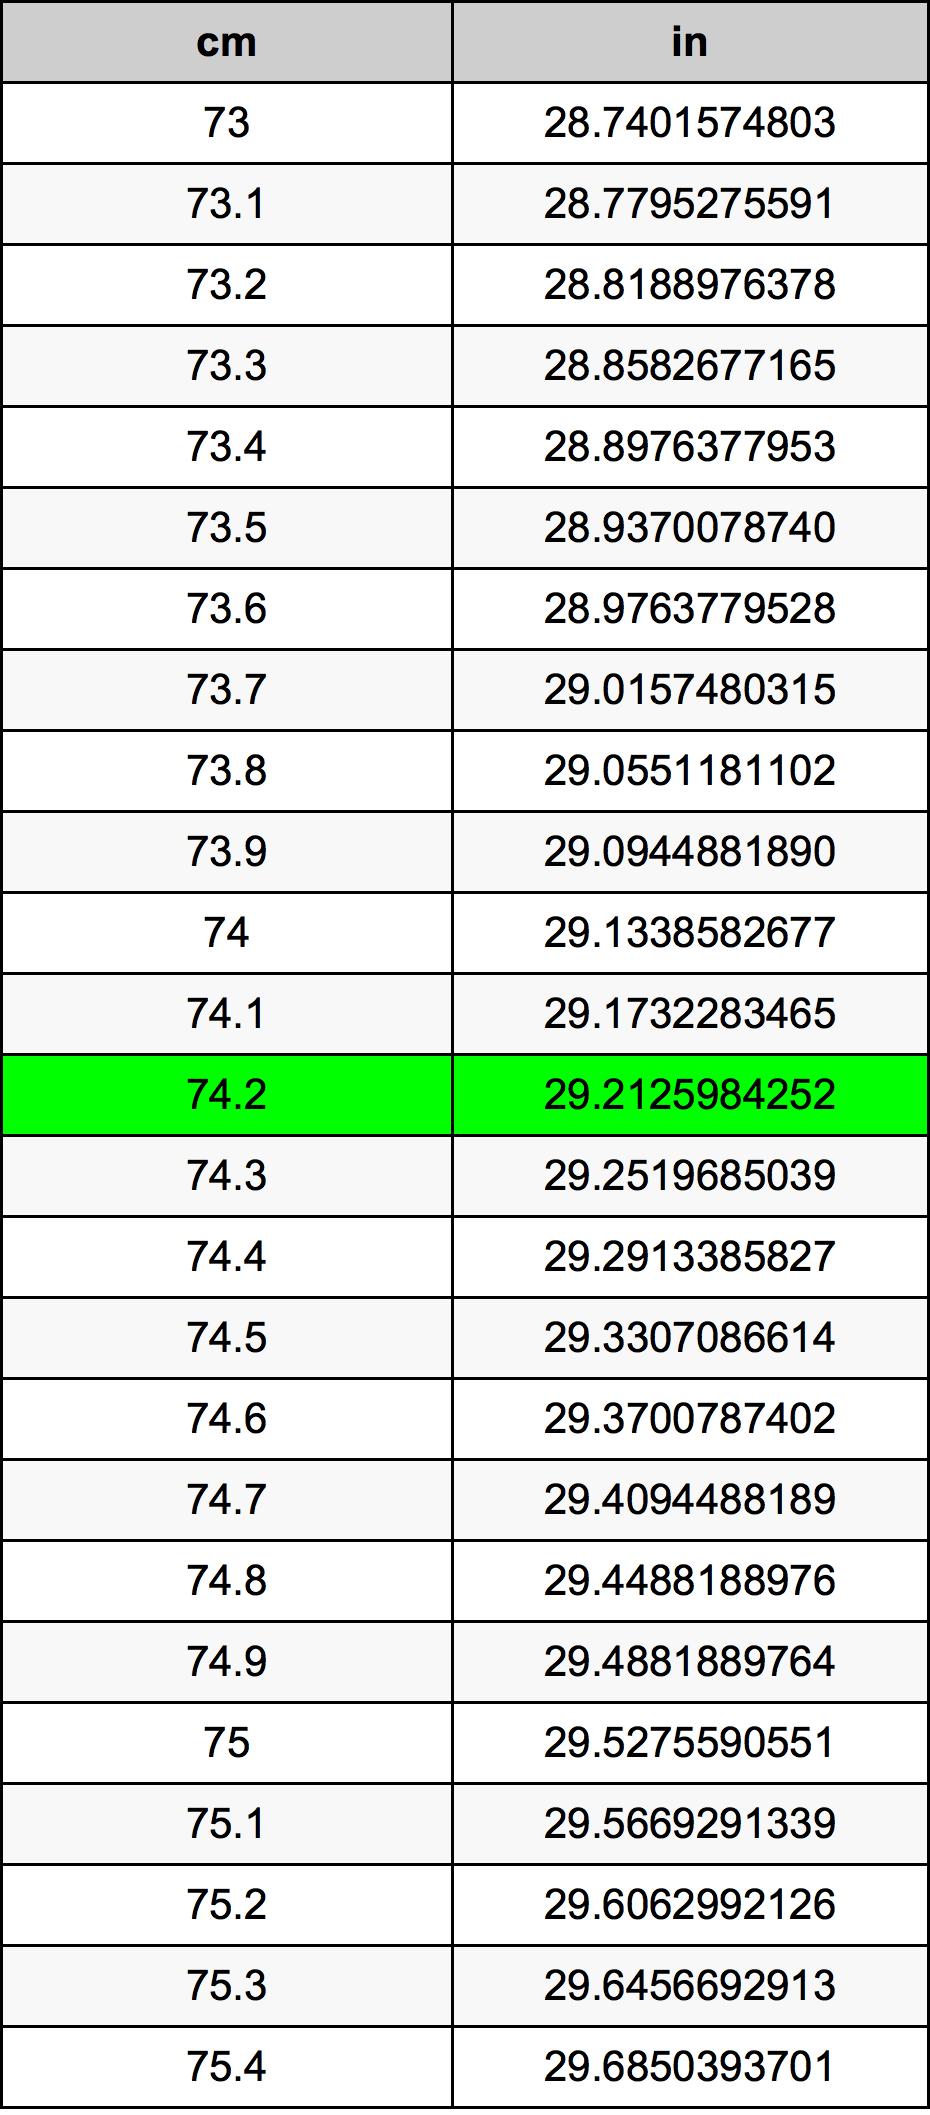 74.2 Centiméter átszámítási táblázat